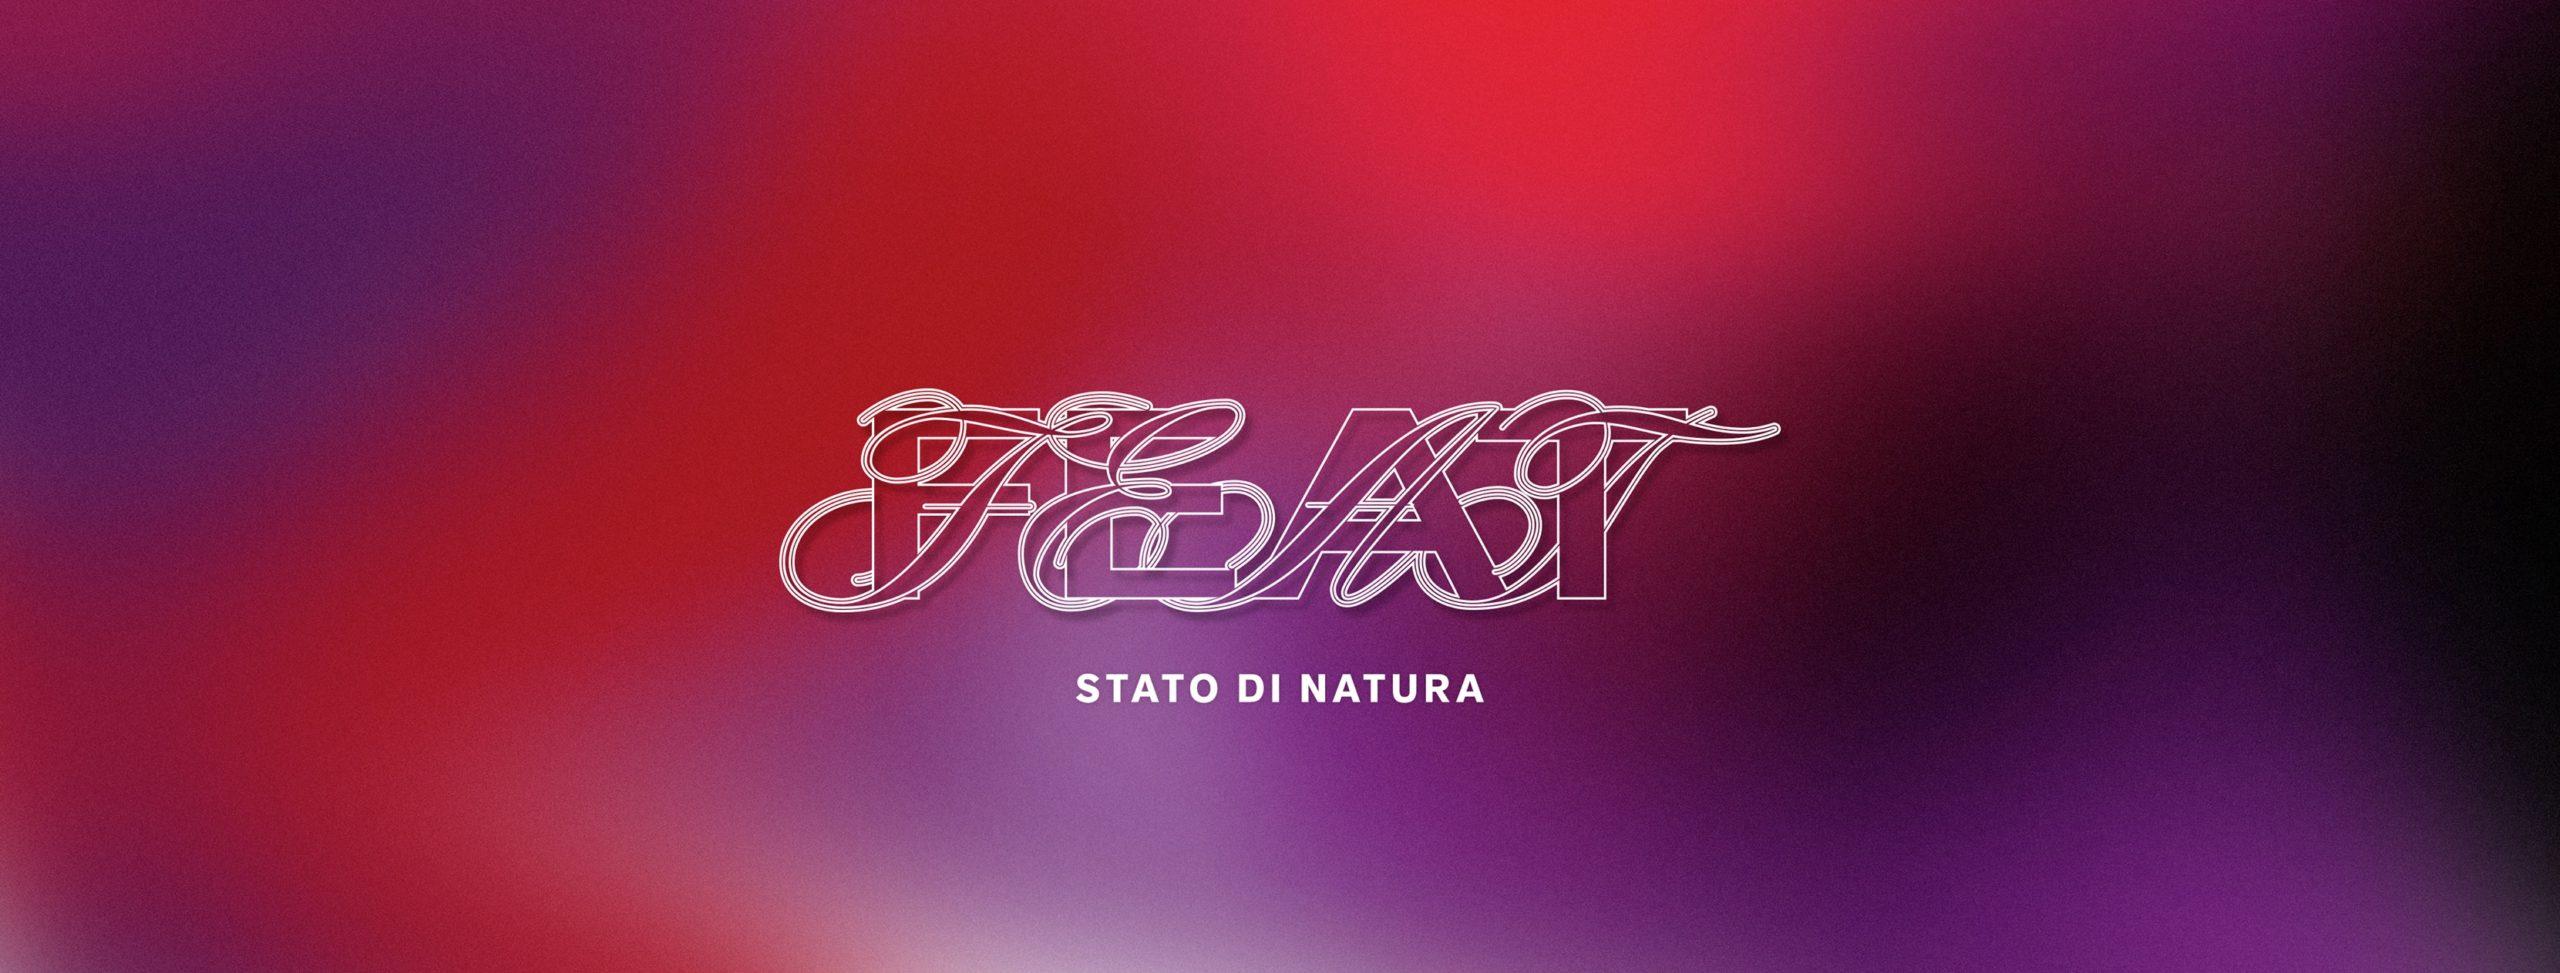 Francesca Michielin FEAT (Stato di Natura) album artwork